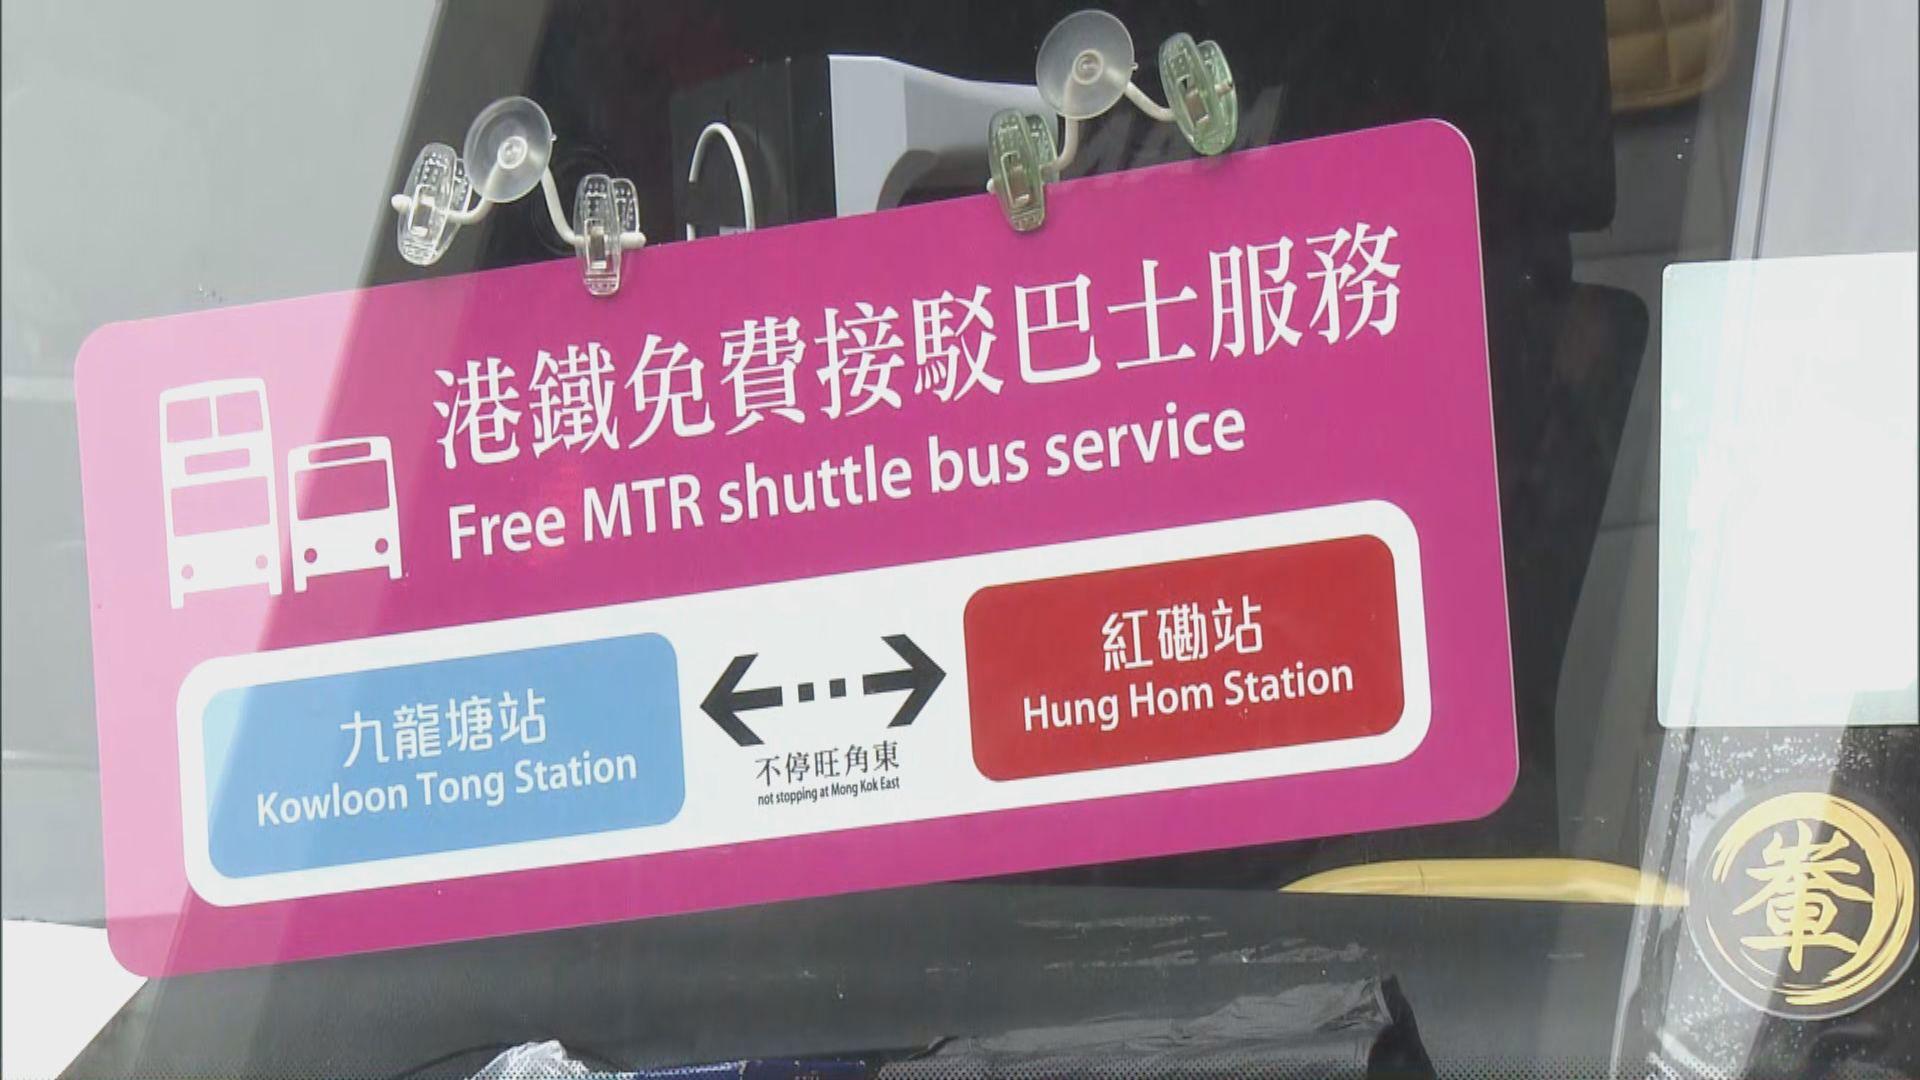 港鐵提供了免費接駁巴士來往紅磡站至九龍塘站